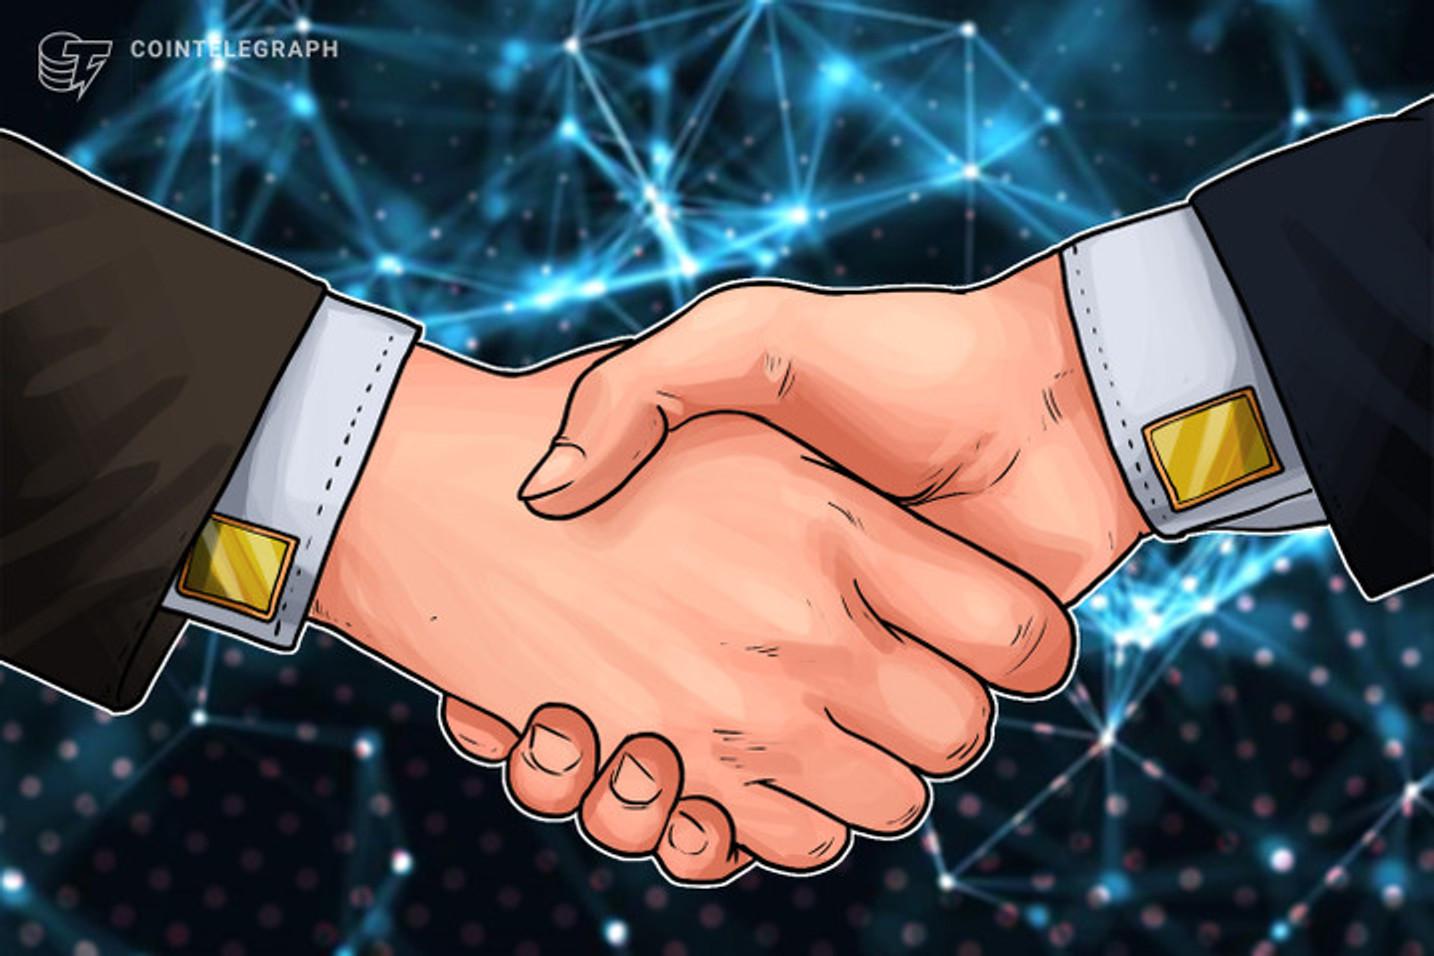 España: Crypto Plaza establece acuerdo de colaboración con la compañía de custodia en activos digitales Onyze